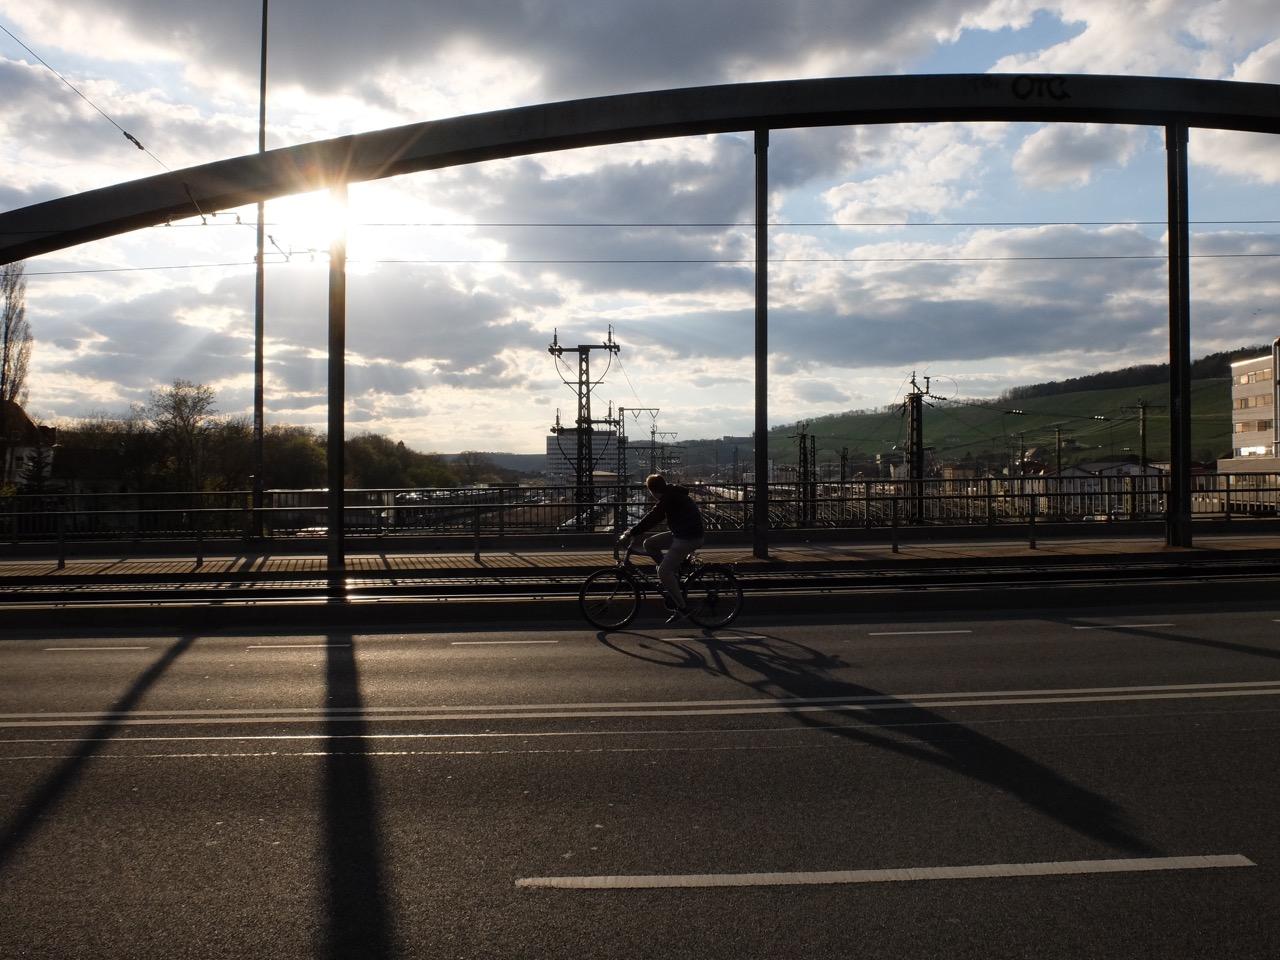 Gemütliches Radfahren auf der Grombühlbrücke | Radfahrerzone.de